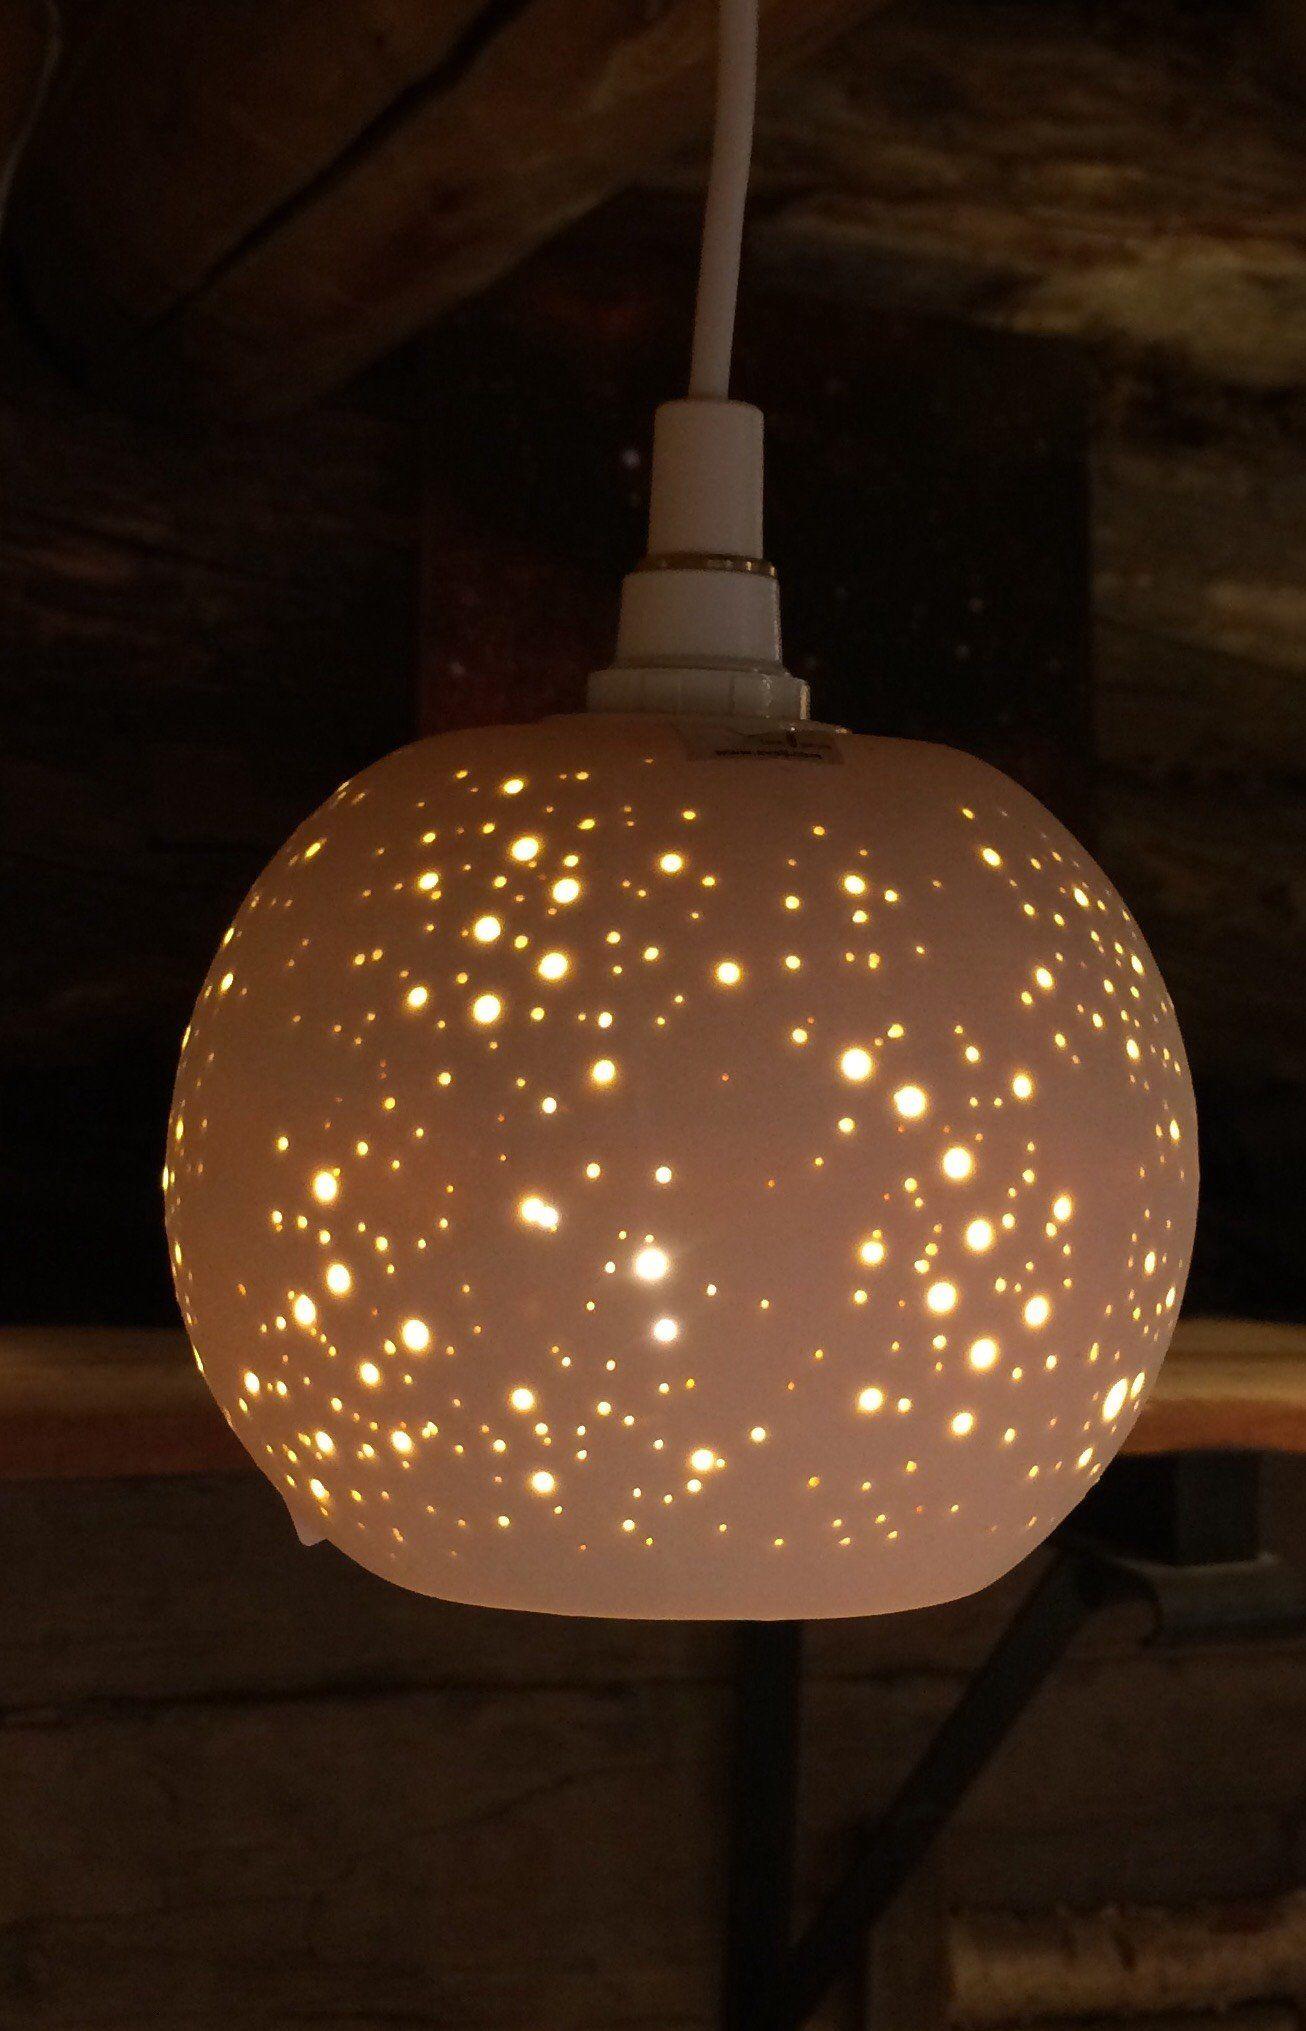 Sky Stj Rnhimmel Kula By Evalj Form O Gnista F Nsterlampor Eller Taklampa Ovanf R Matbord Mm Benvit Porslin Med Lamph Llare Paper Lamp Table Lamp Novelty Lamp